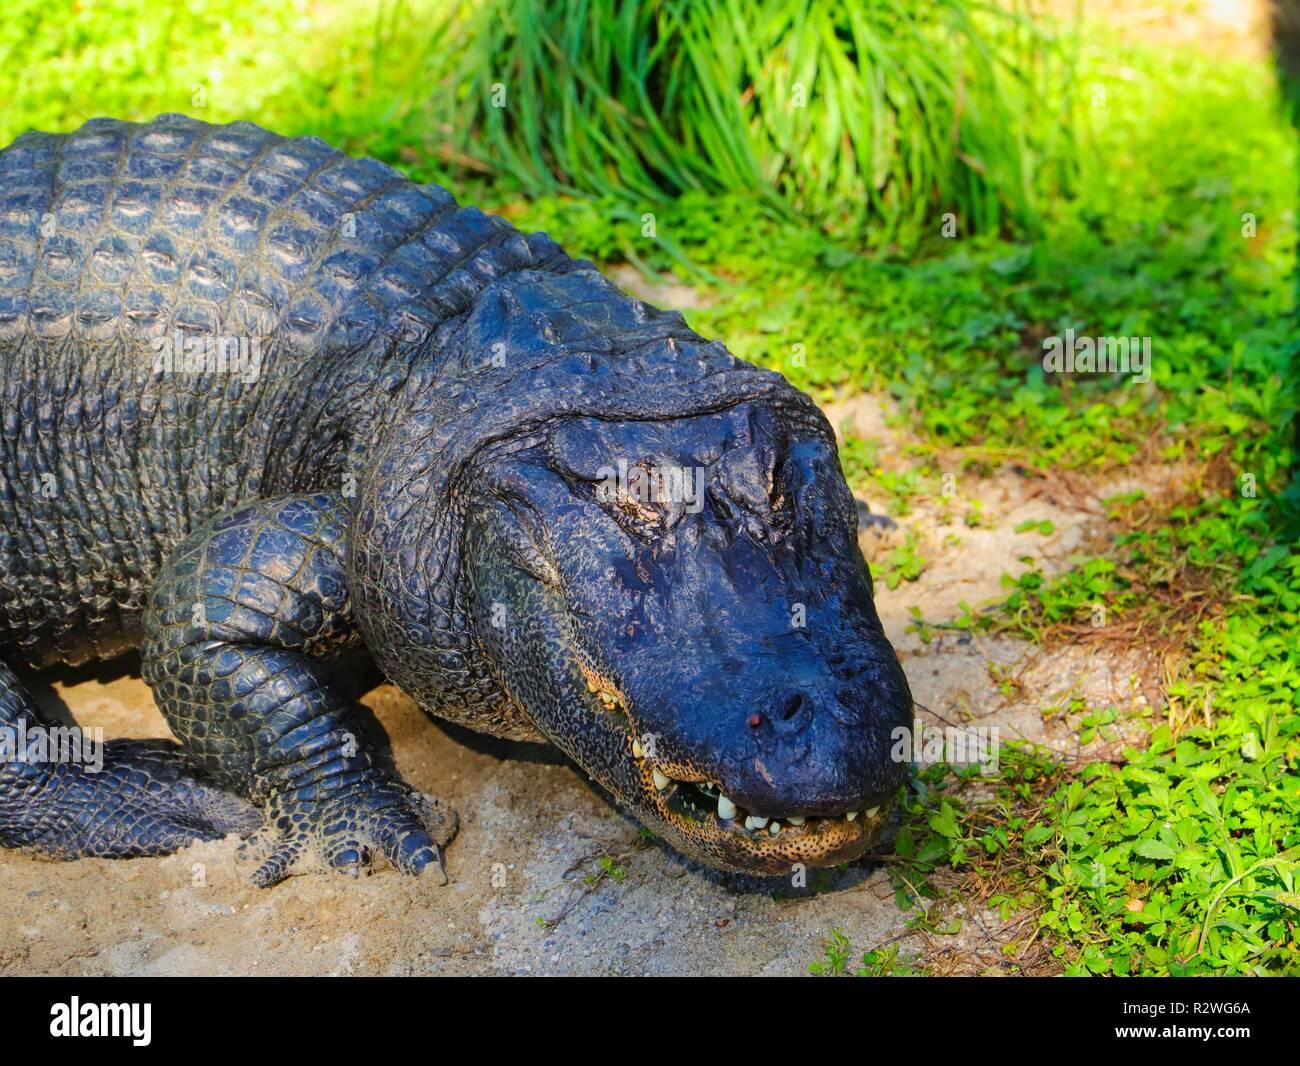 Krokodil im Grünen Stockbild